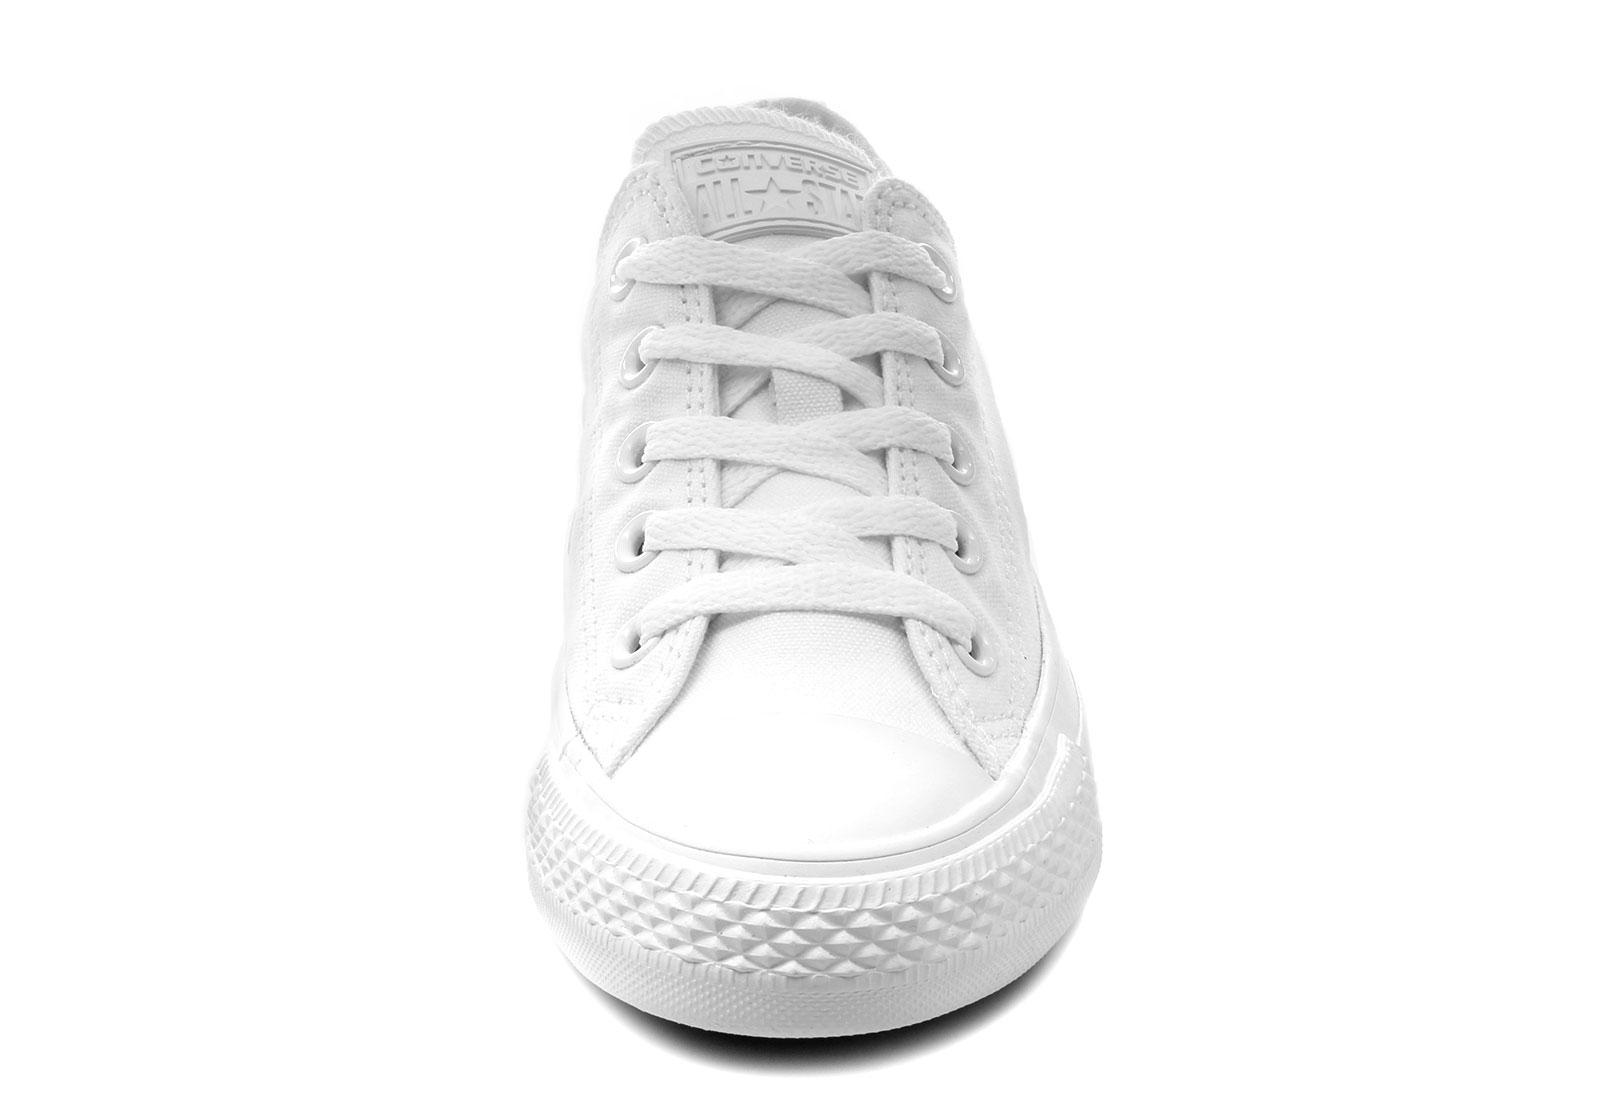 Converse Trampki Chuck Taylor All Star Core Ox 1U647C Obuwie i buty damskie, męskie, dziecięce w Office Shoes